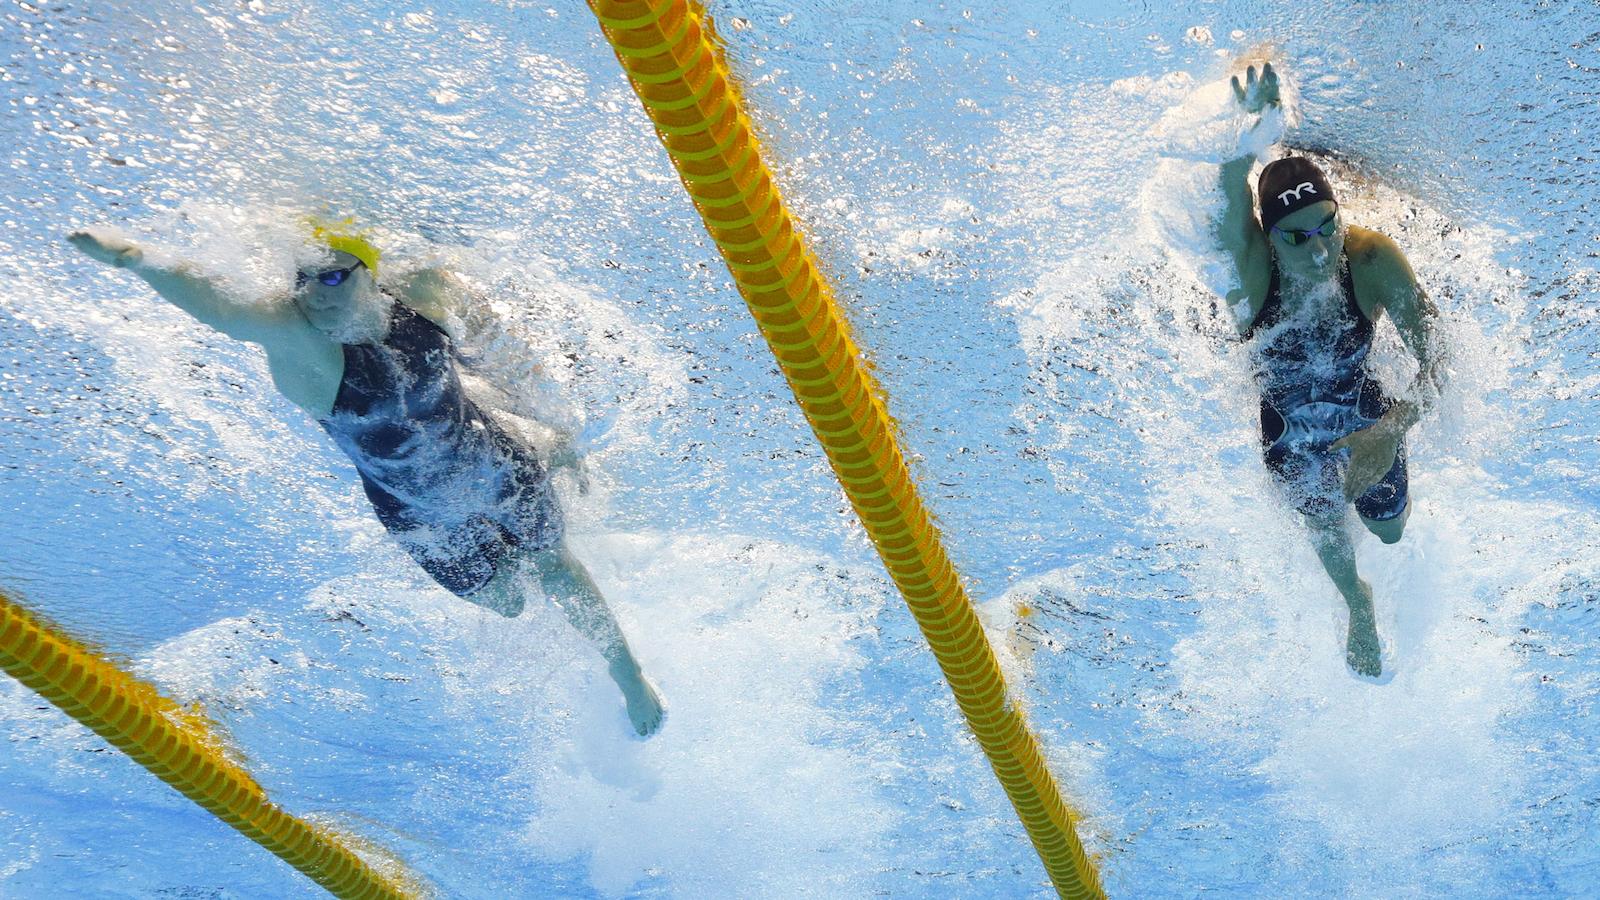 Olympic Swimming Pool Hd